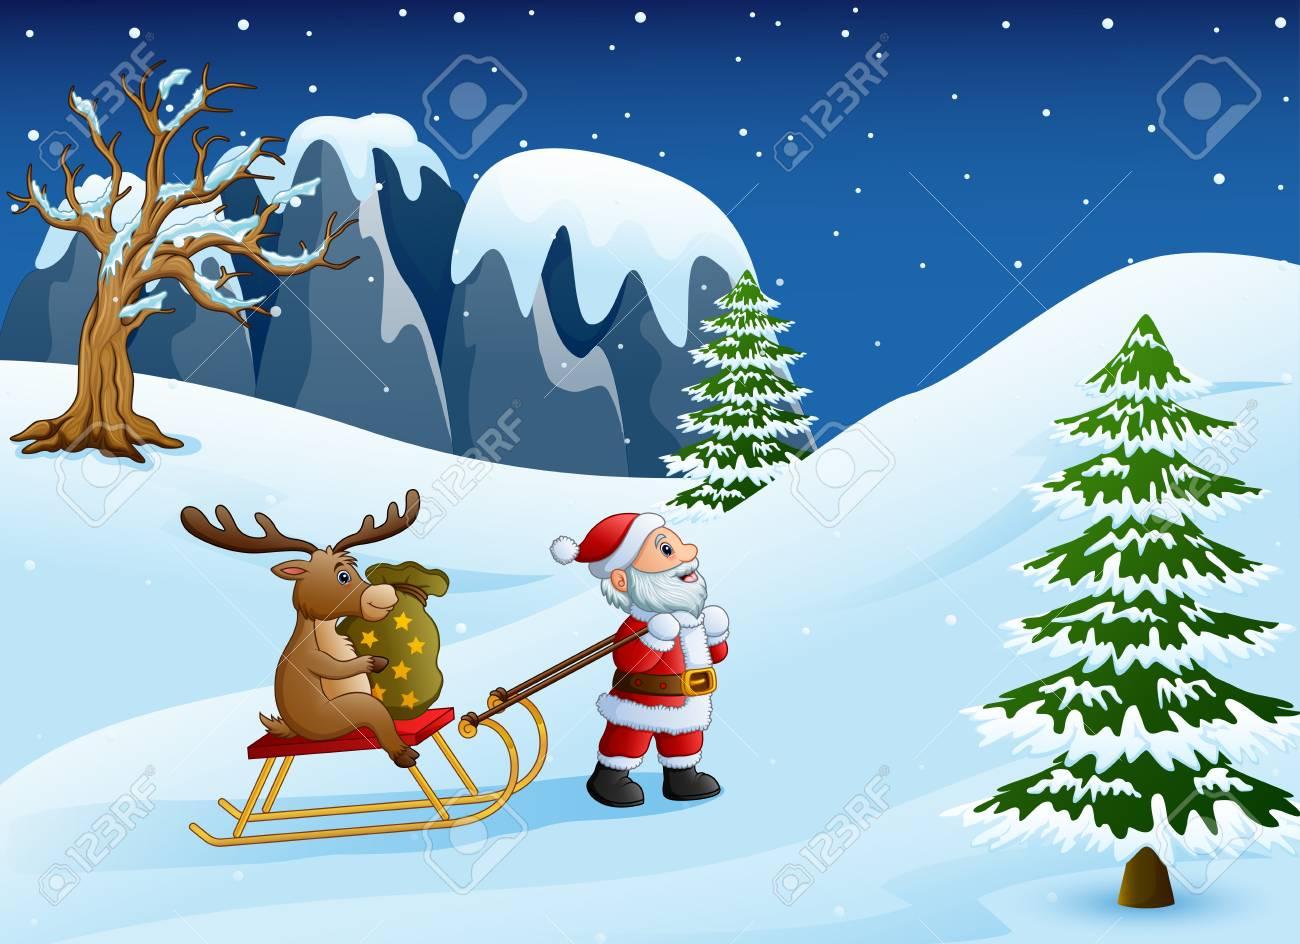 Illustration Vectorielle De Dessin Animé Drôle De Père Noël Tirant